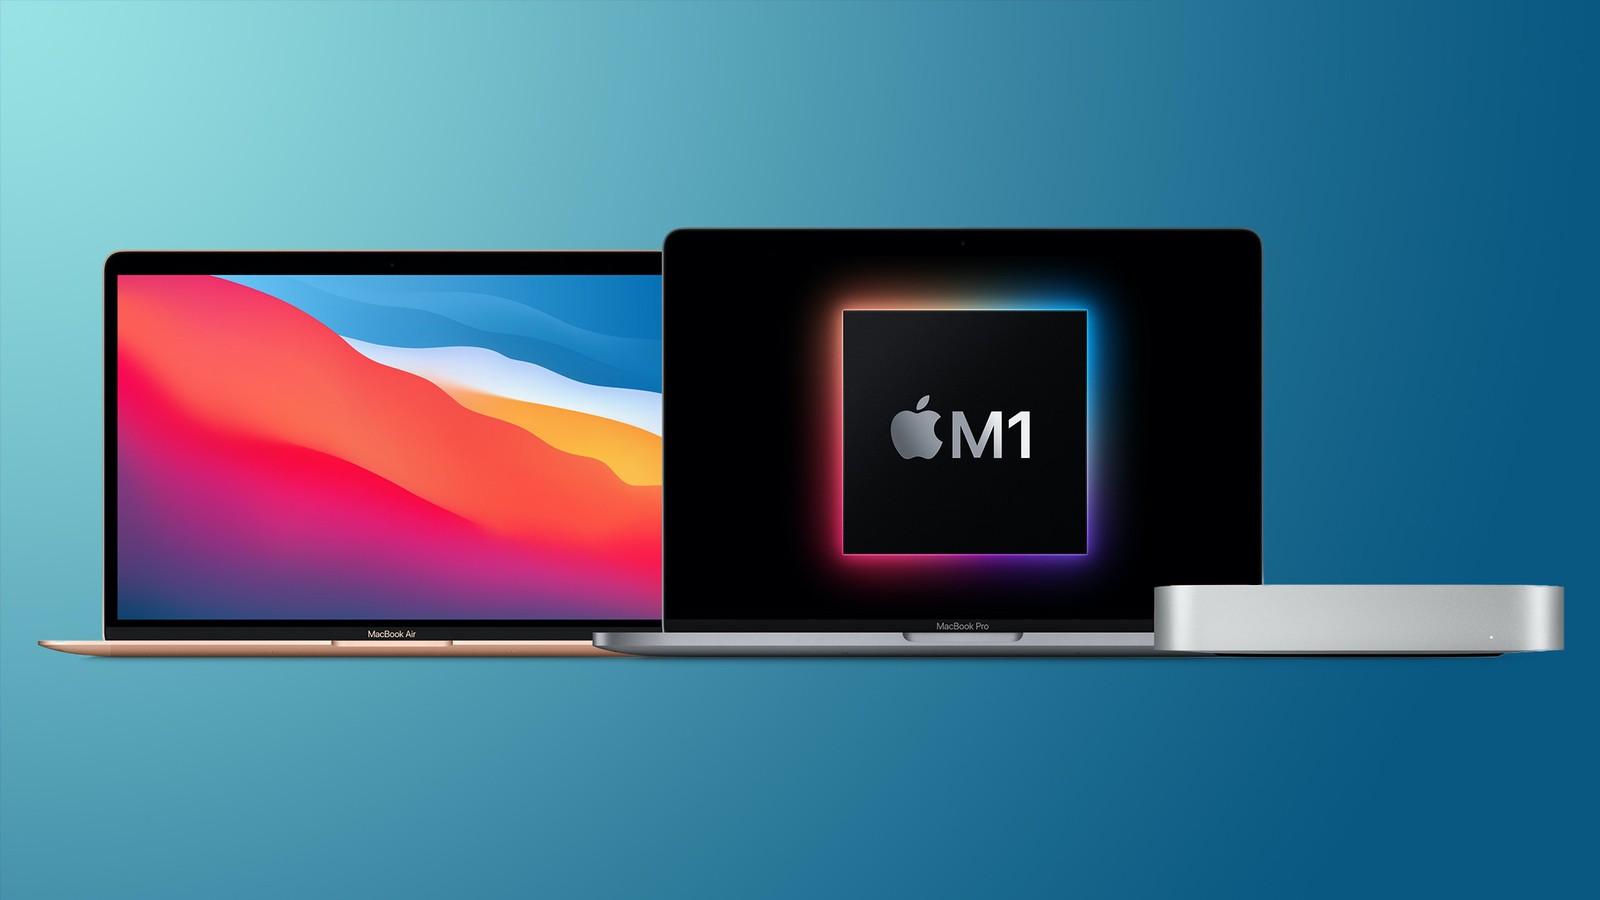 Kancelářský balík Office přichází s nativní podporou Apple M1 v nové aktualizaci